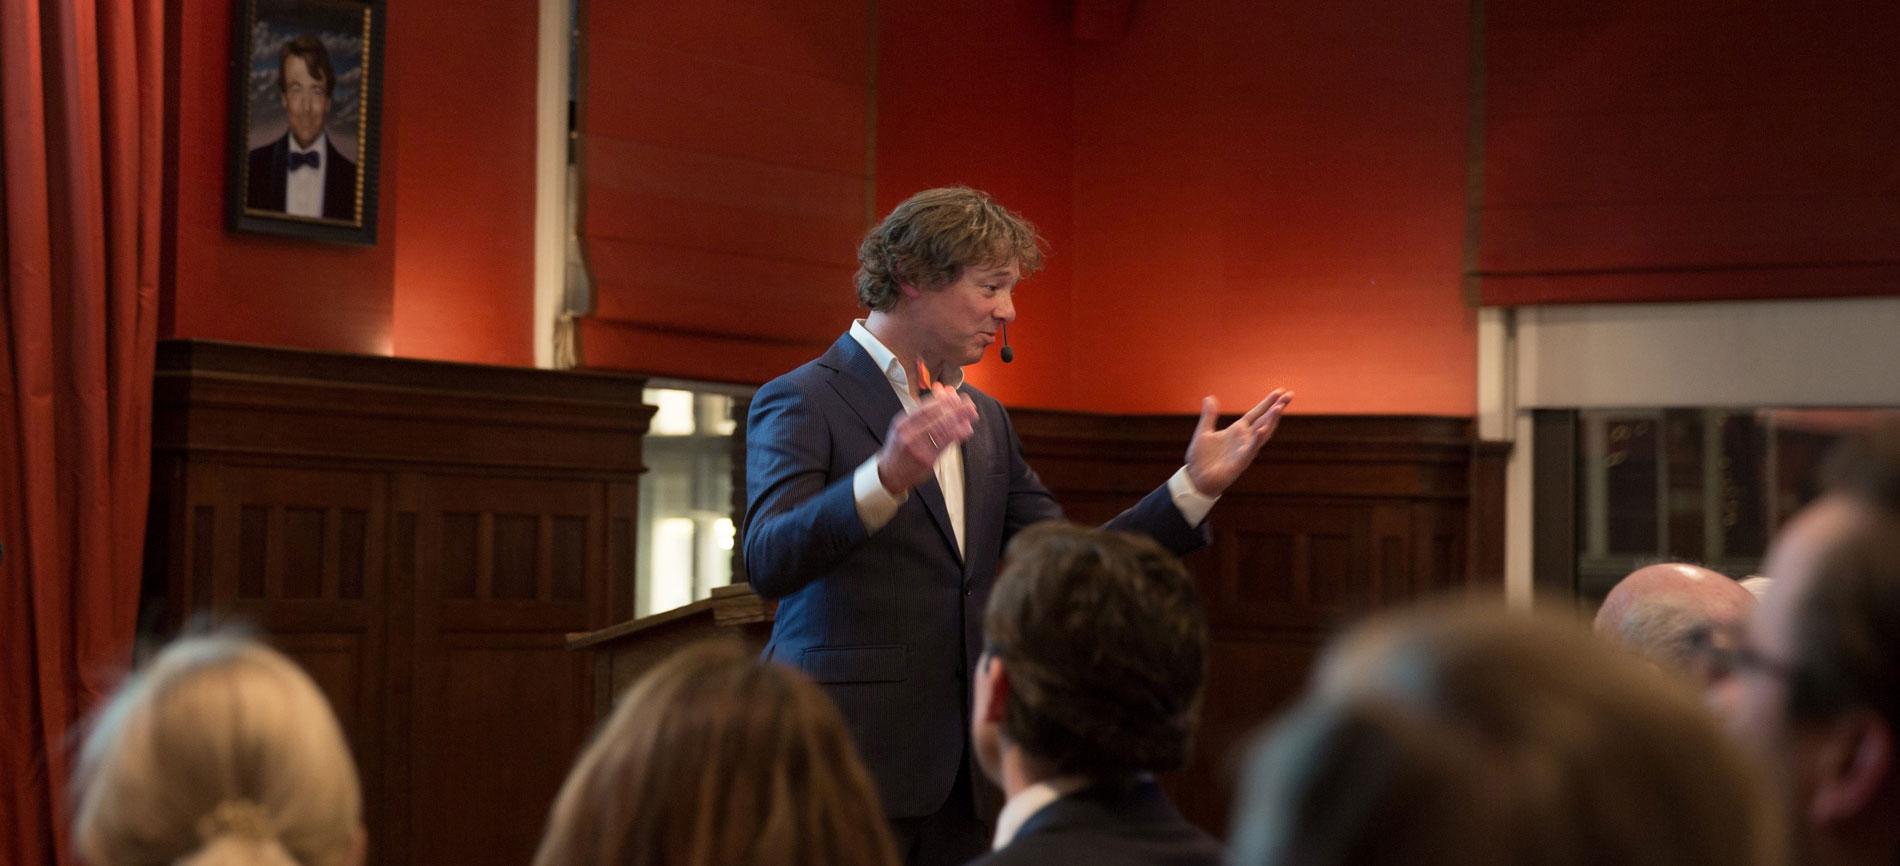 Frits Sissing spreker tv presentator dagvoorzitter